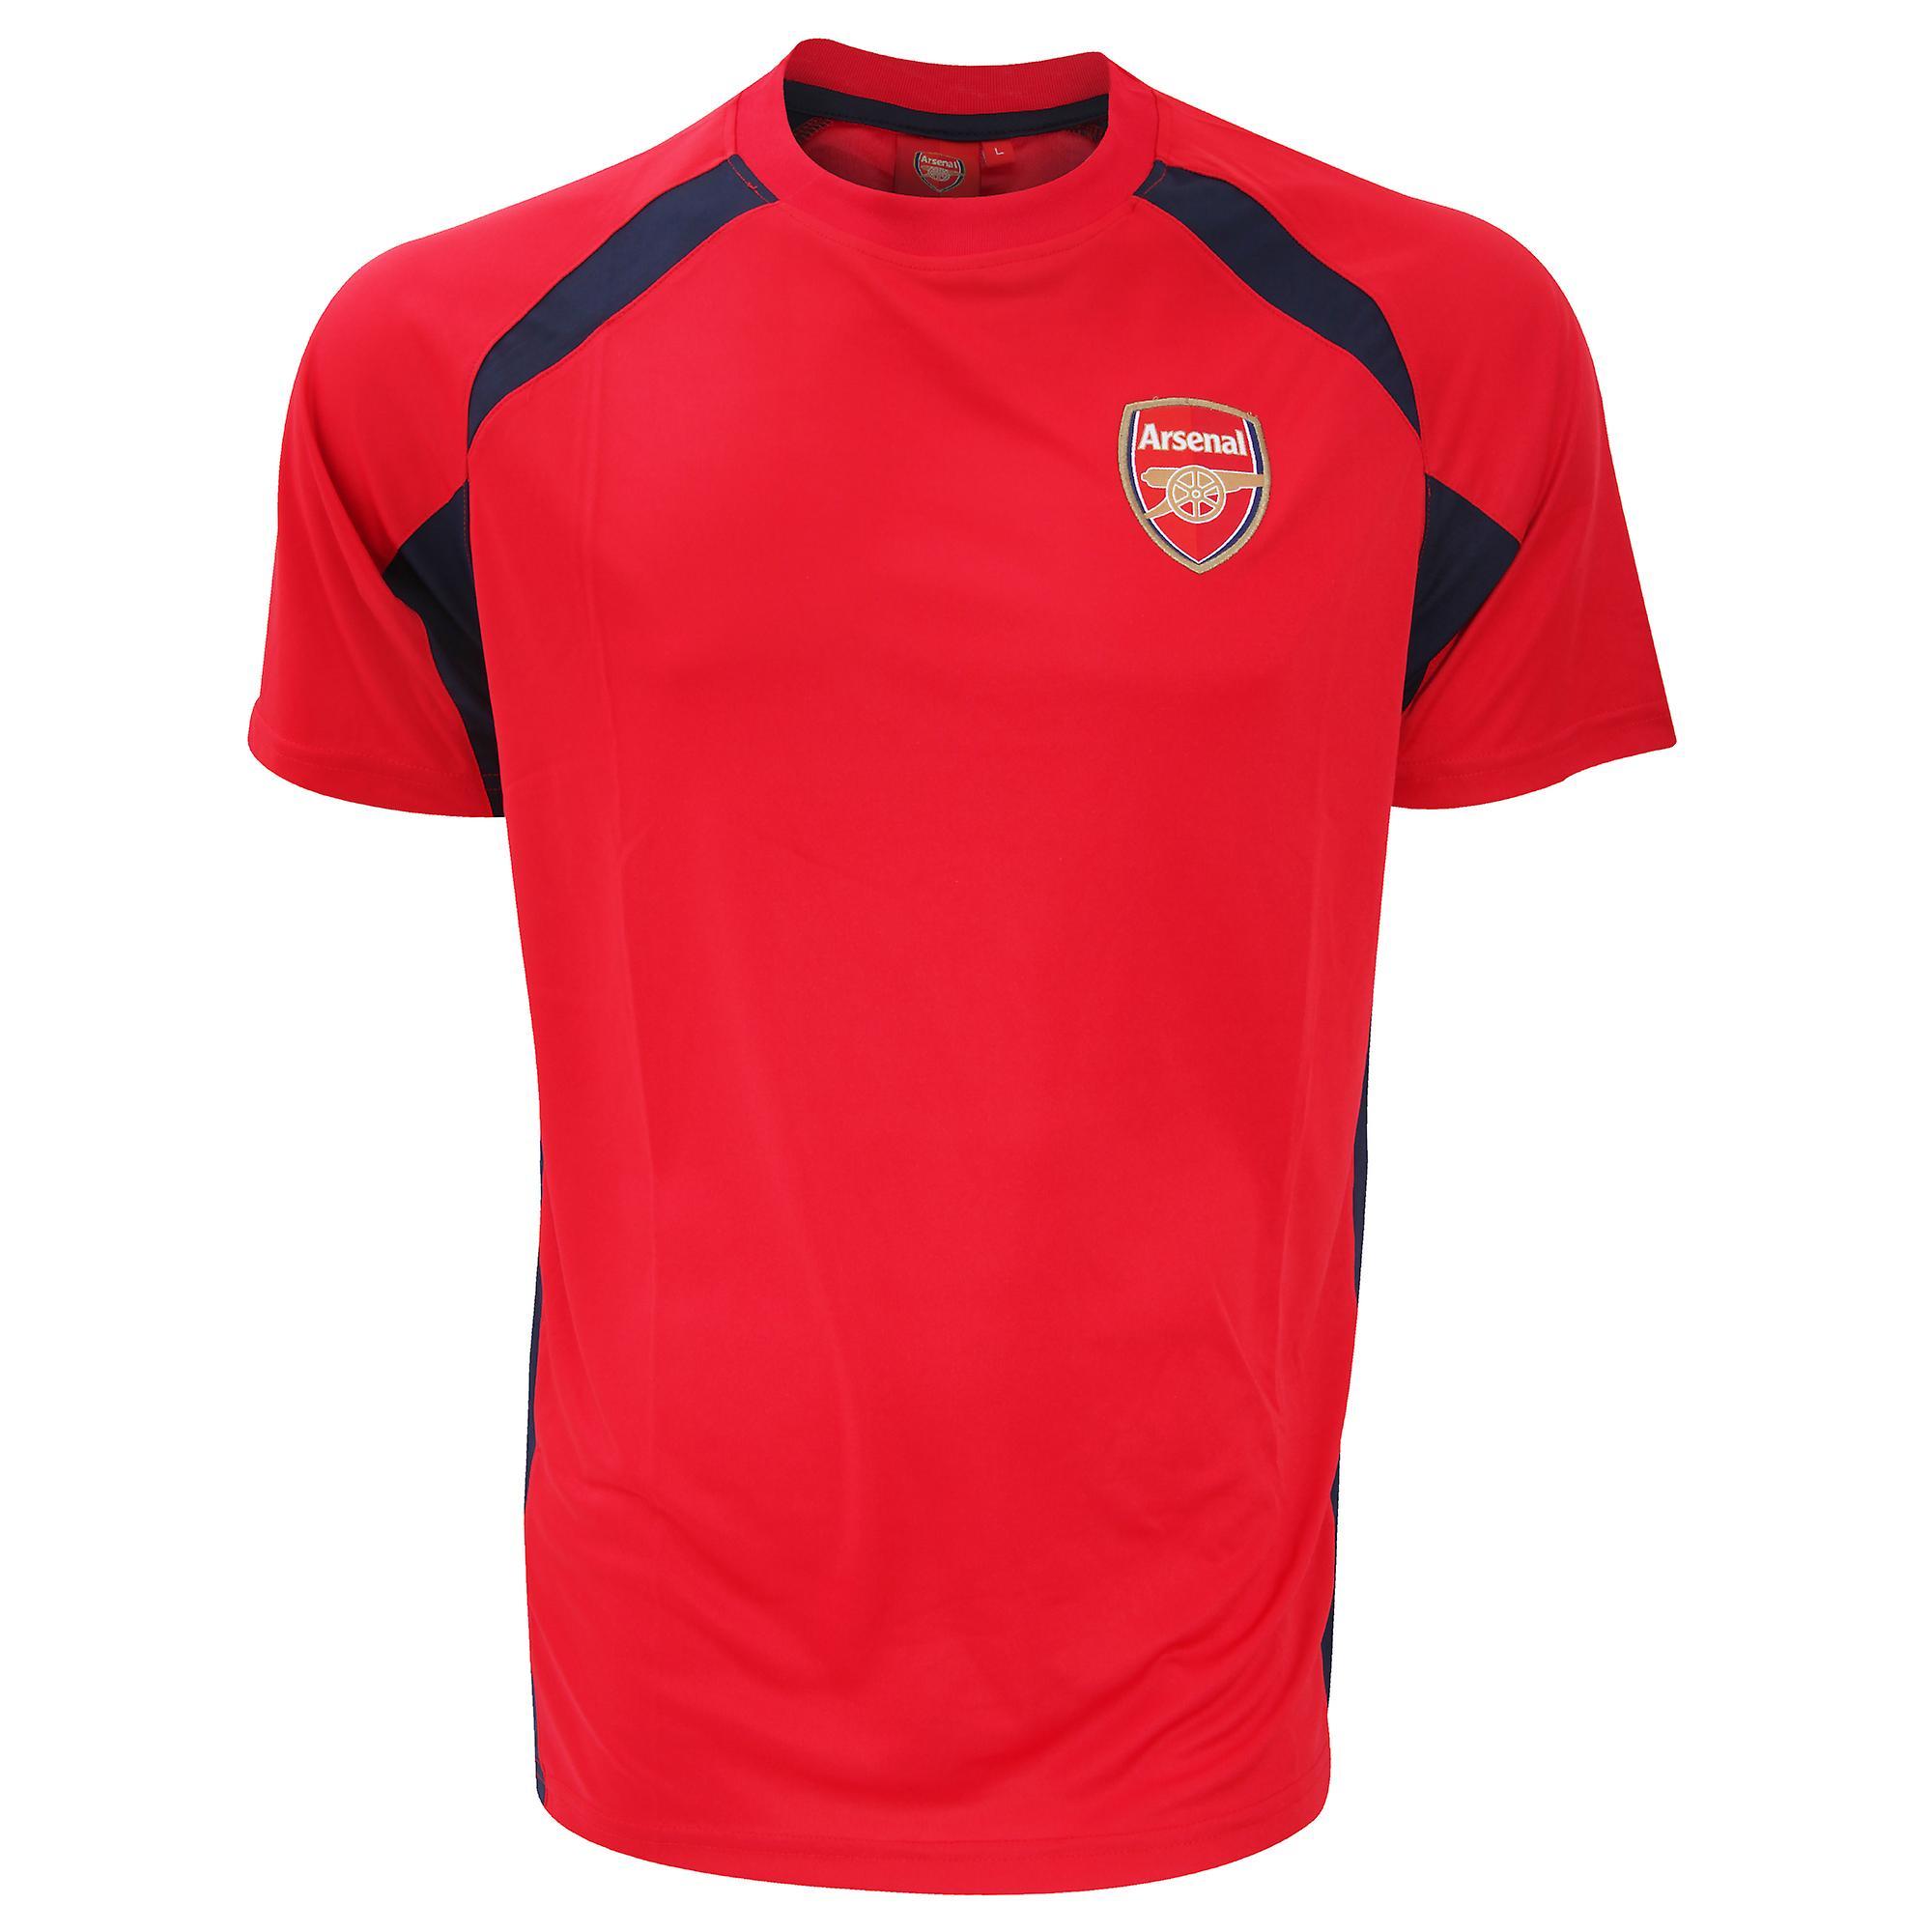 FC Arsenal Mens offisielle fotball Crest panelet t-skjorte